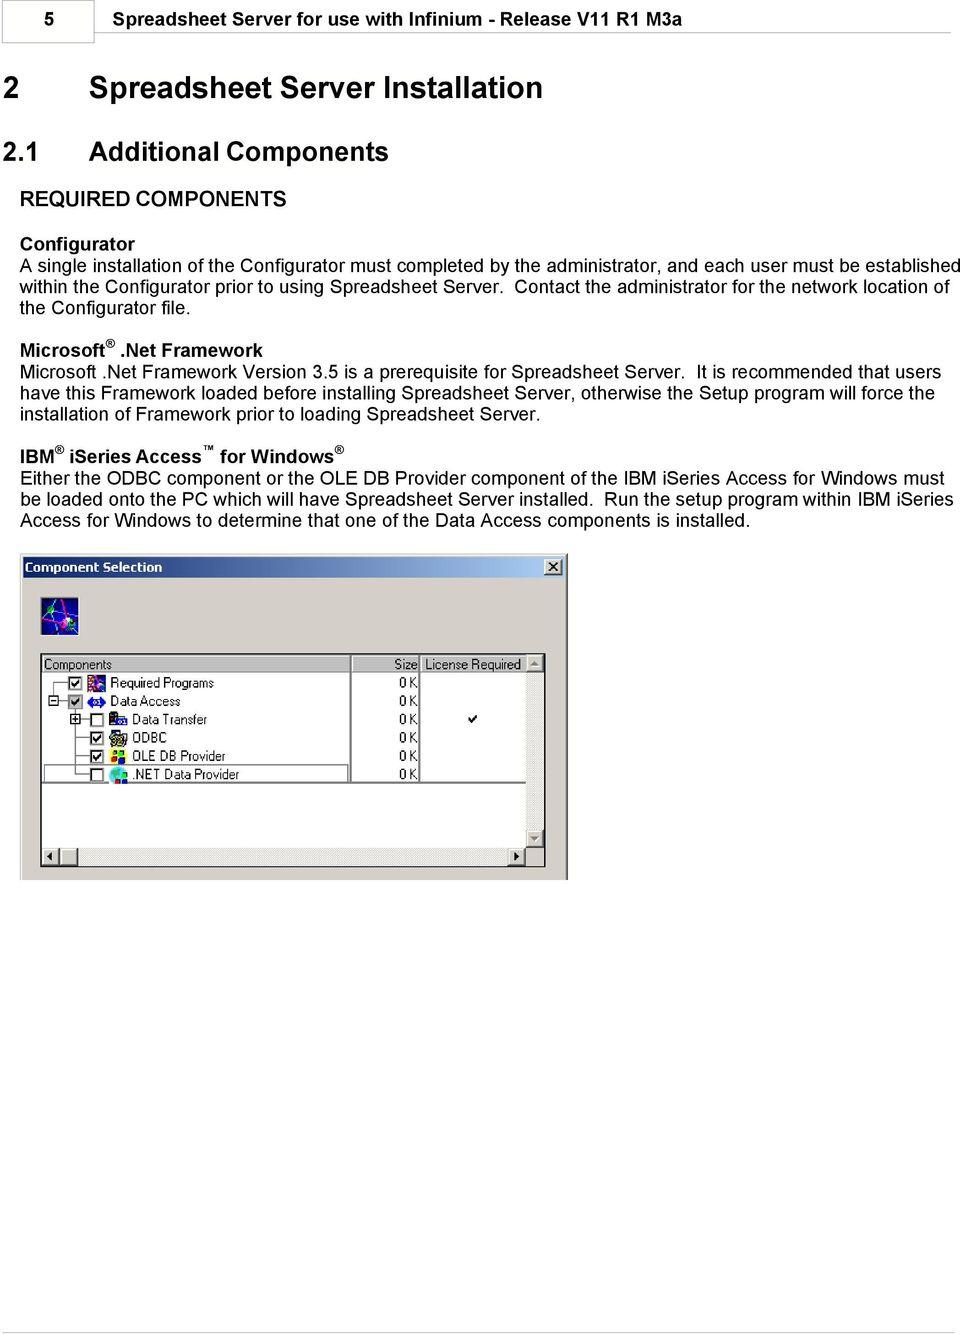 Spreadsheet Server Installation For Global Software, Inc.'s Spreadsheet Server For Use With Infinium